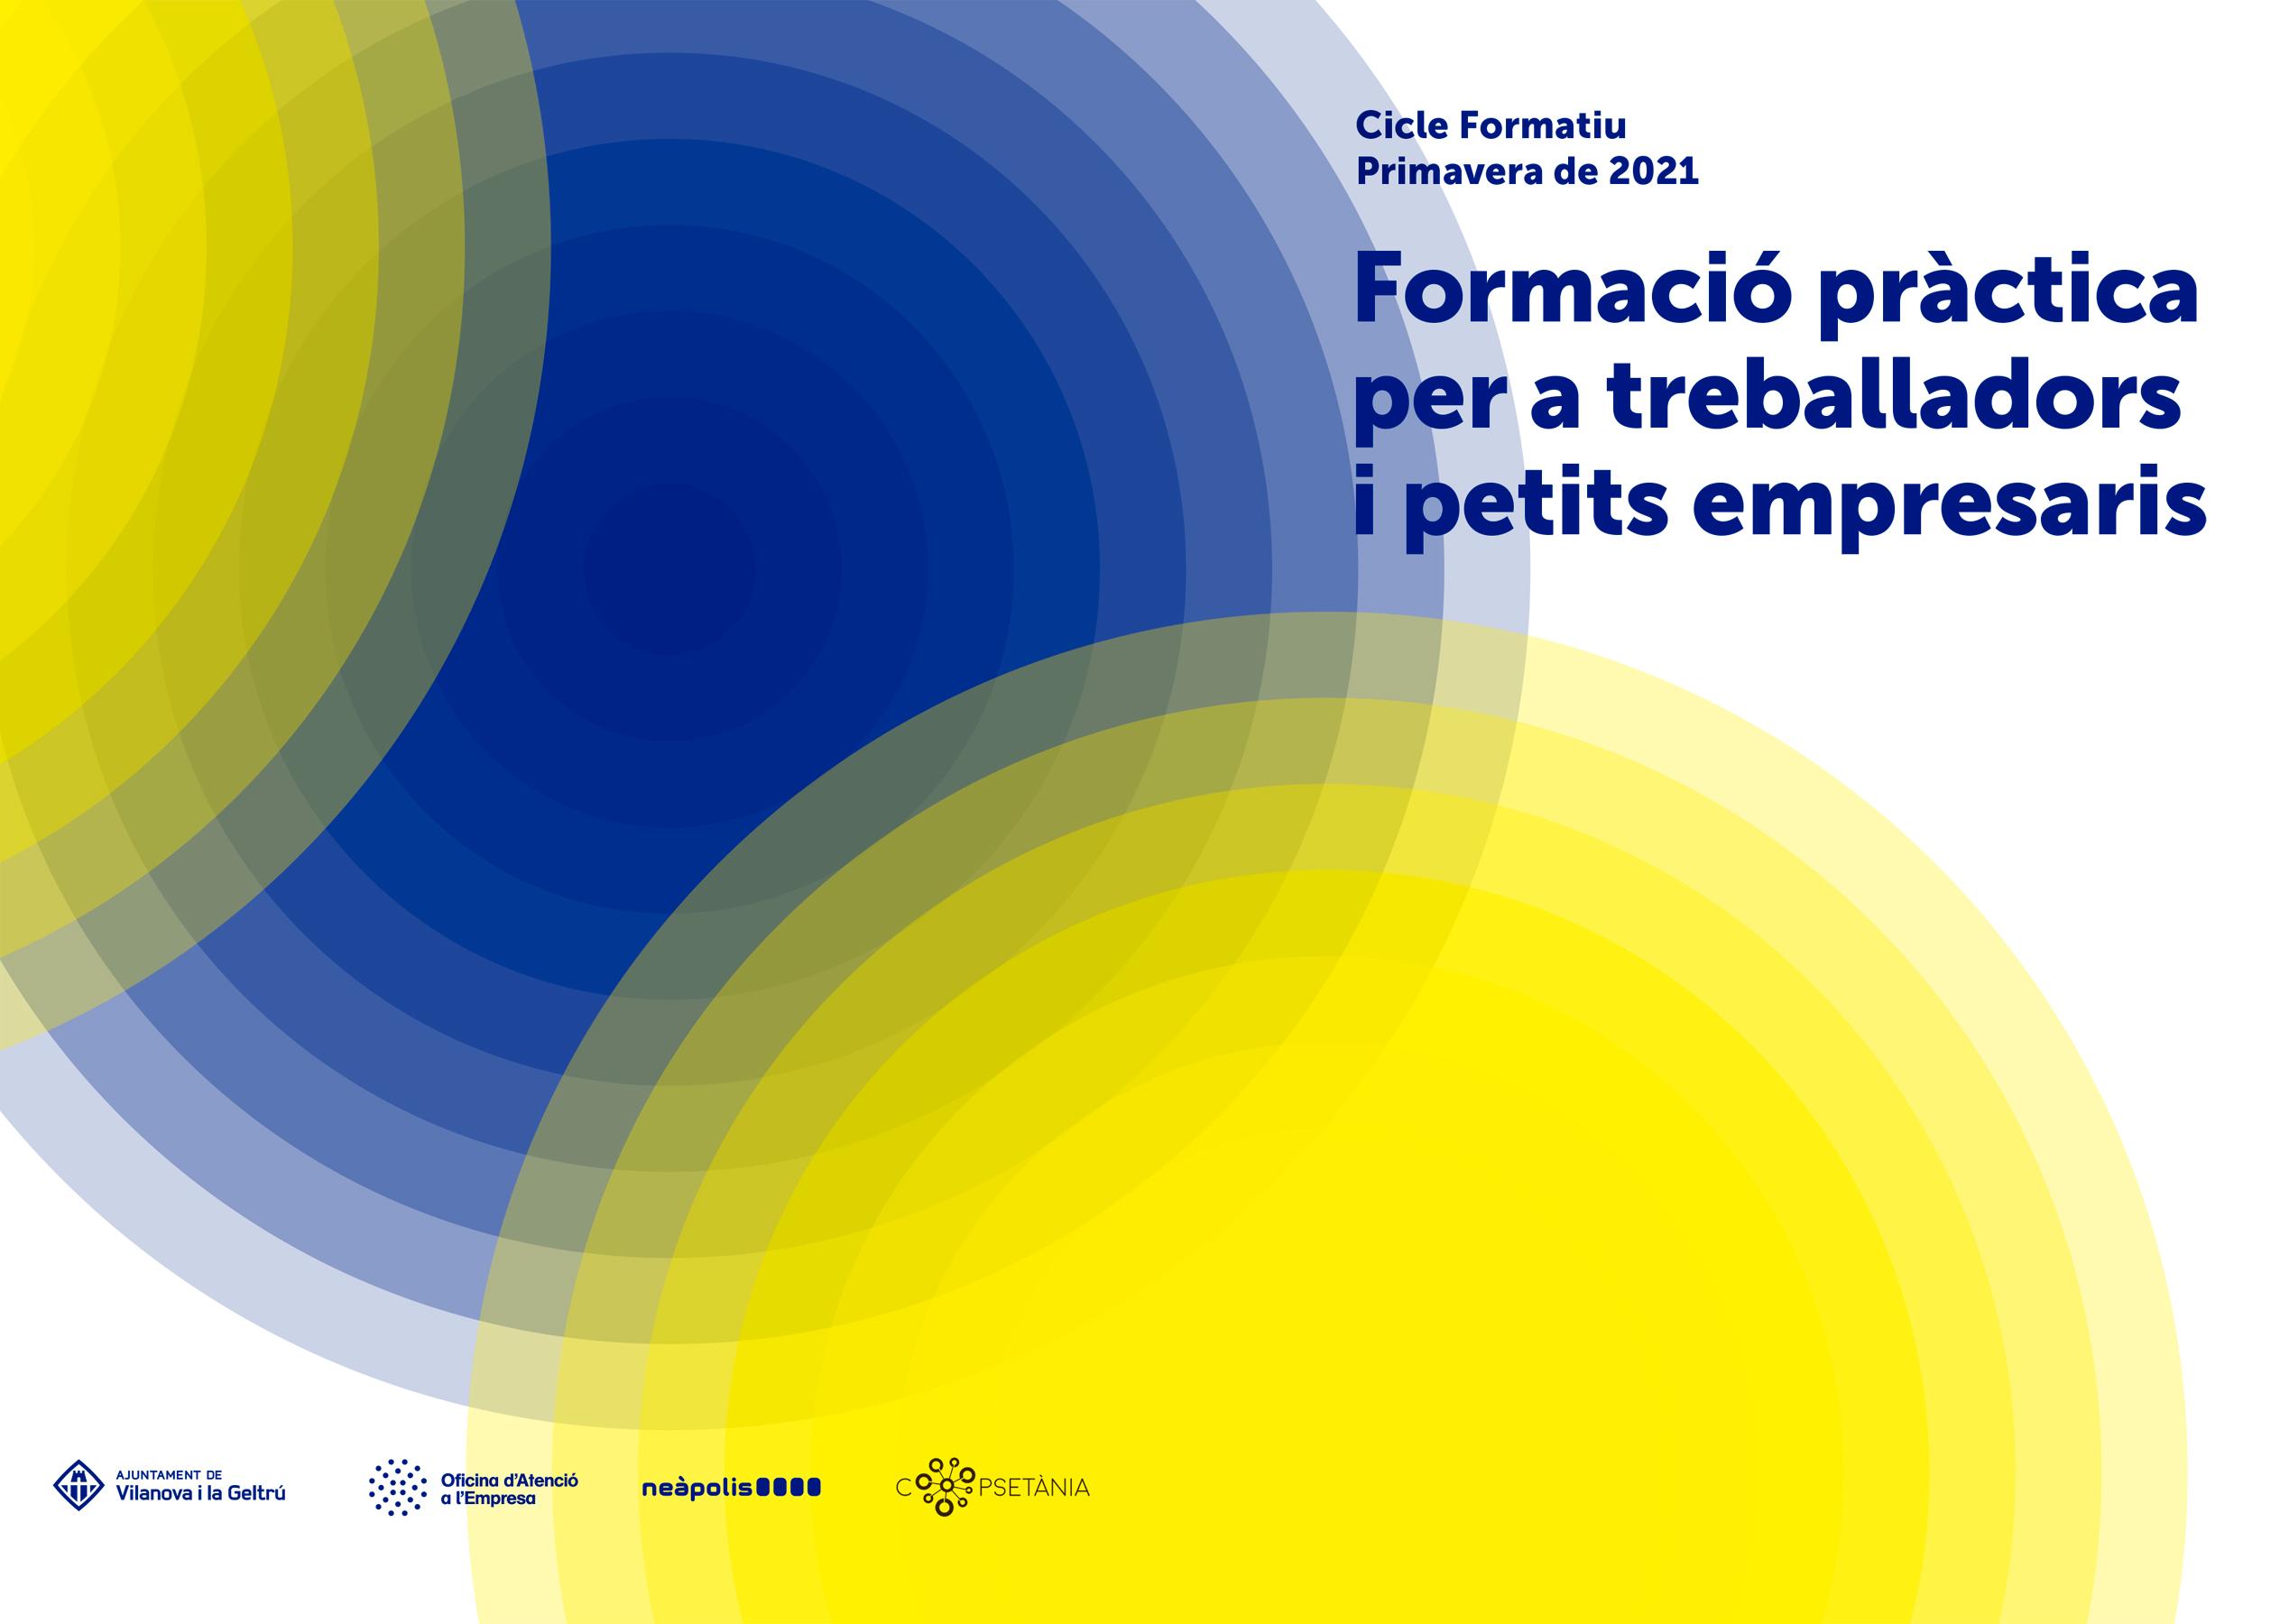 Neàpolis i la regidoria d'Empresa de Vilanova i la Geltrú, coorganitzen la Formació de Primavera 2021